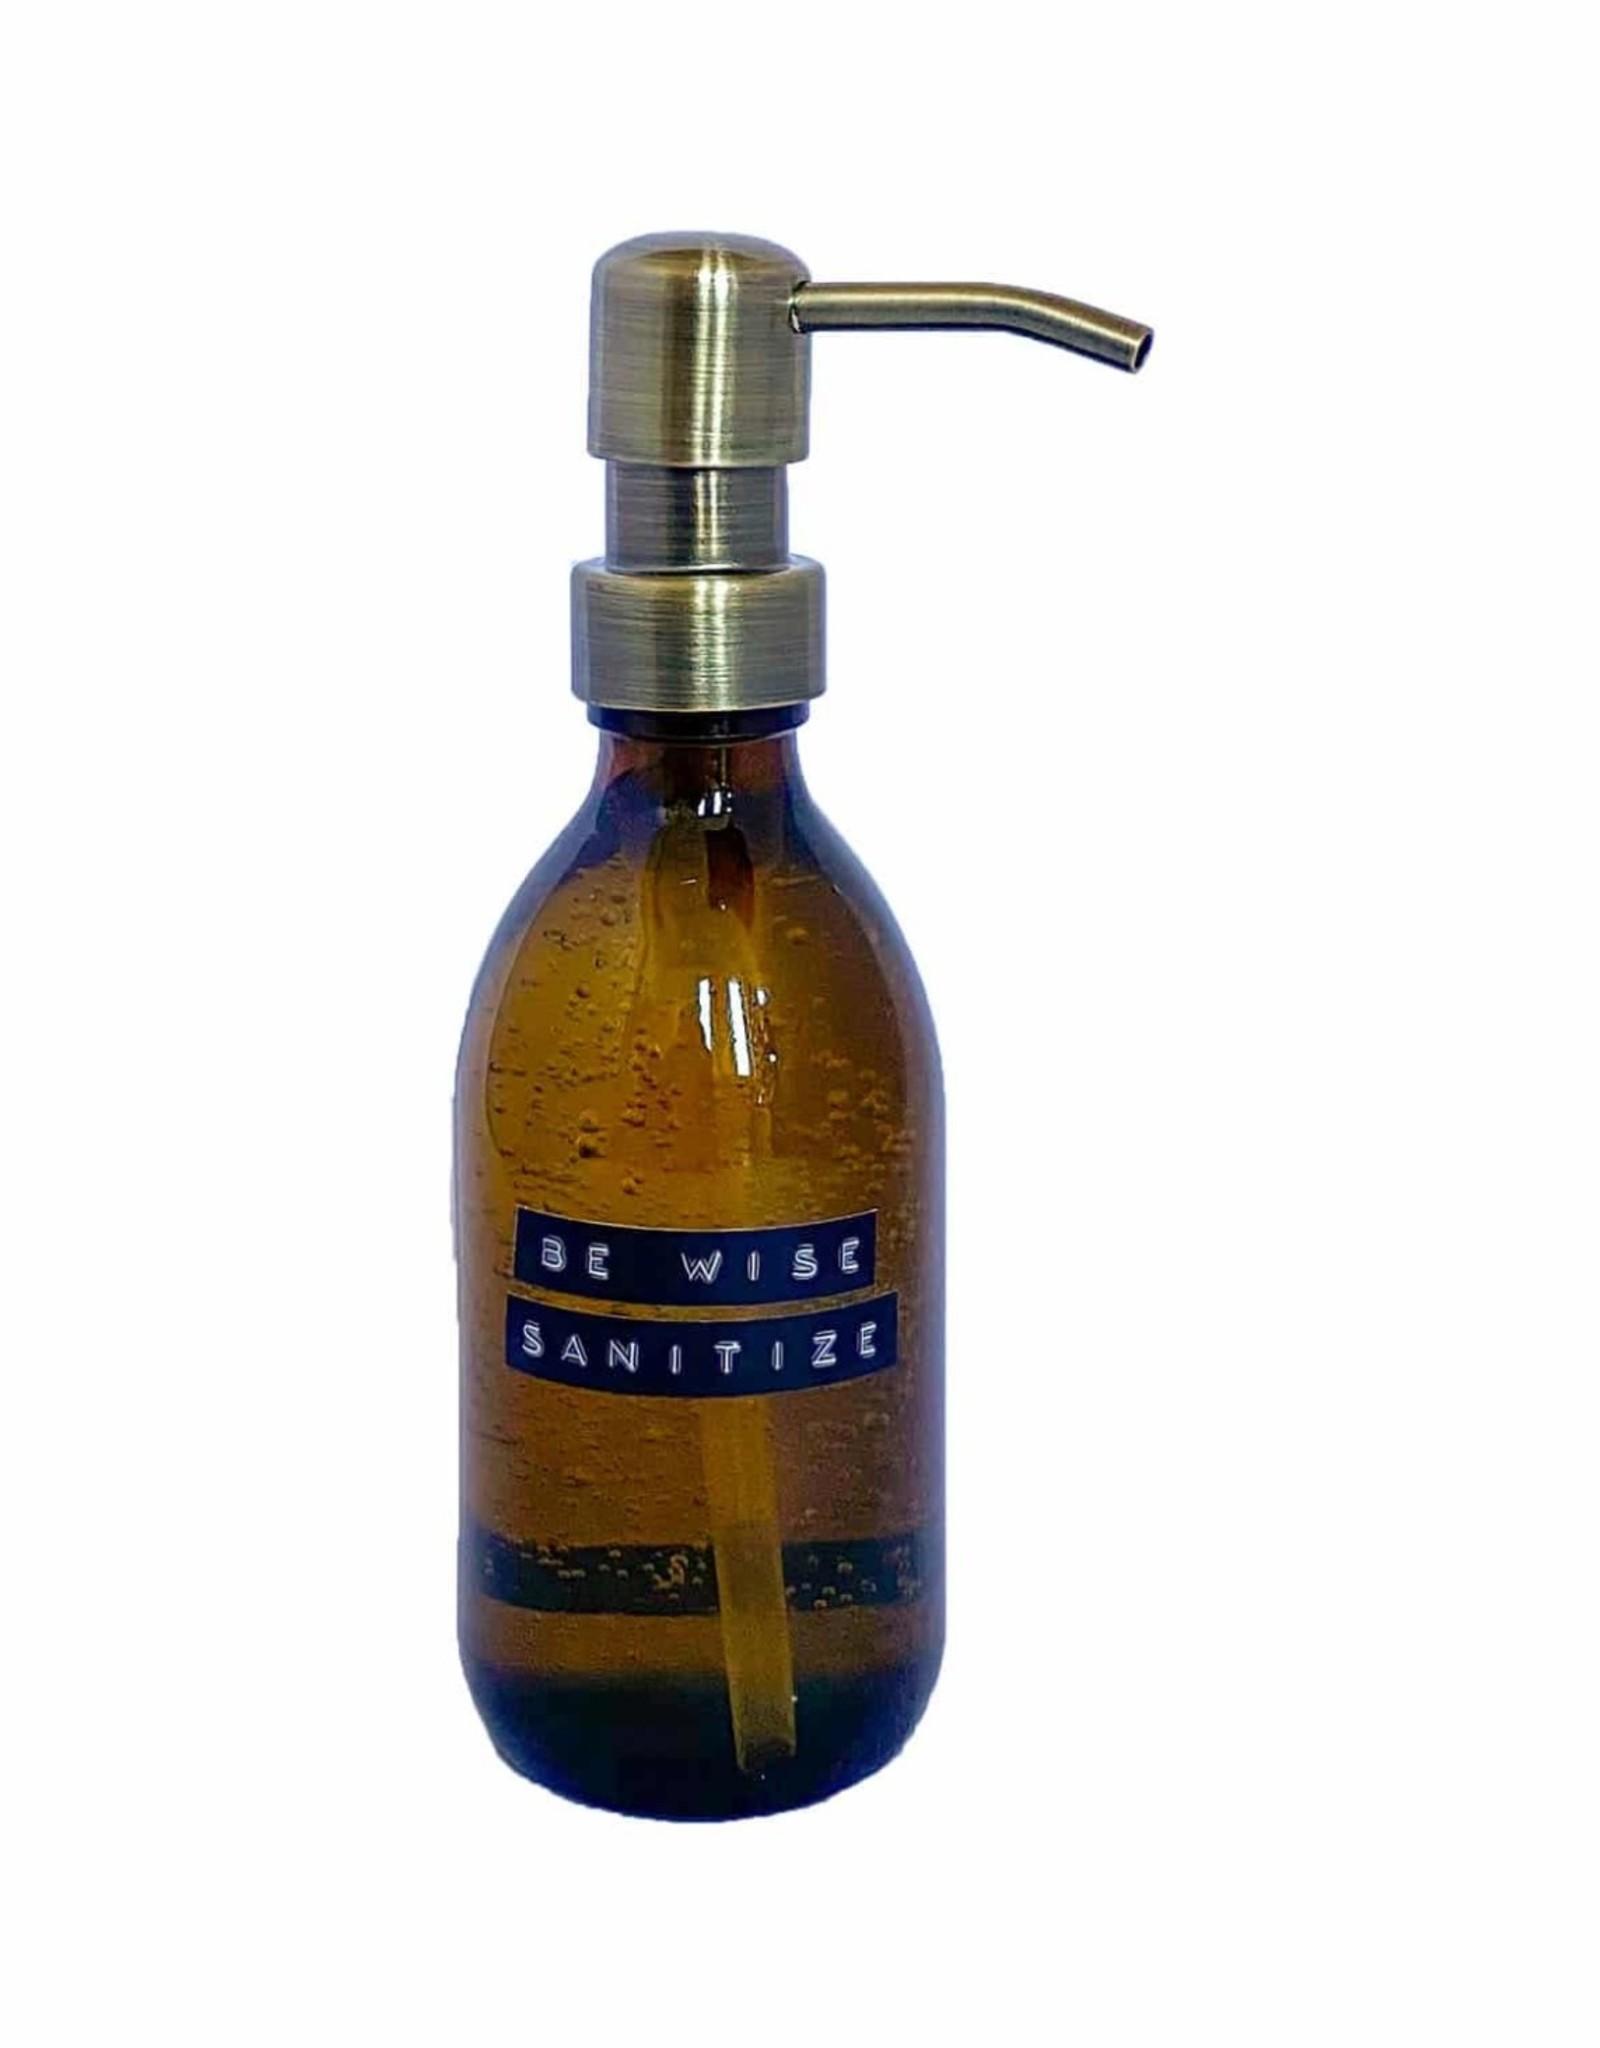 Wellmark Sanitiser bruin glas / brass